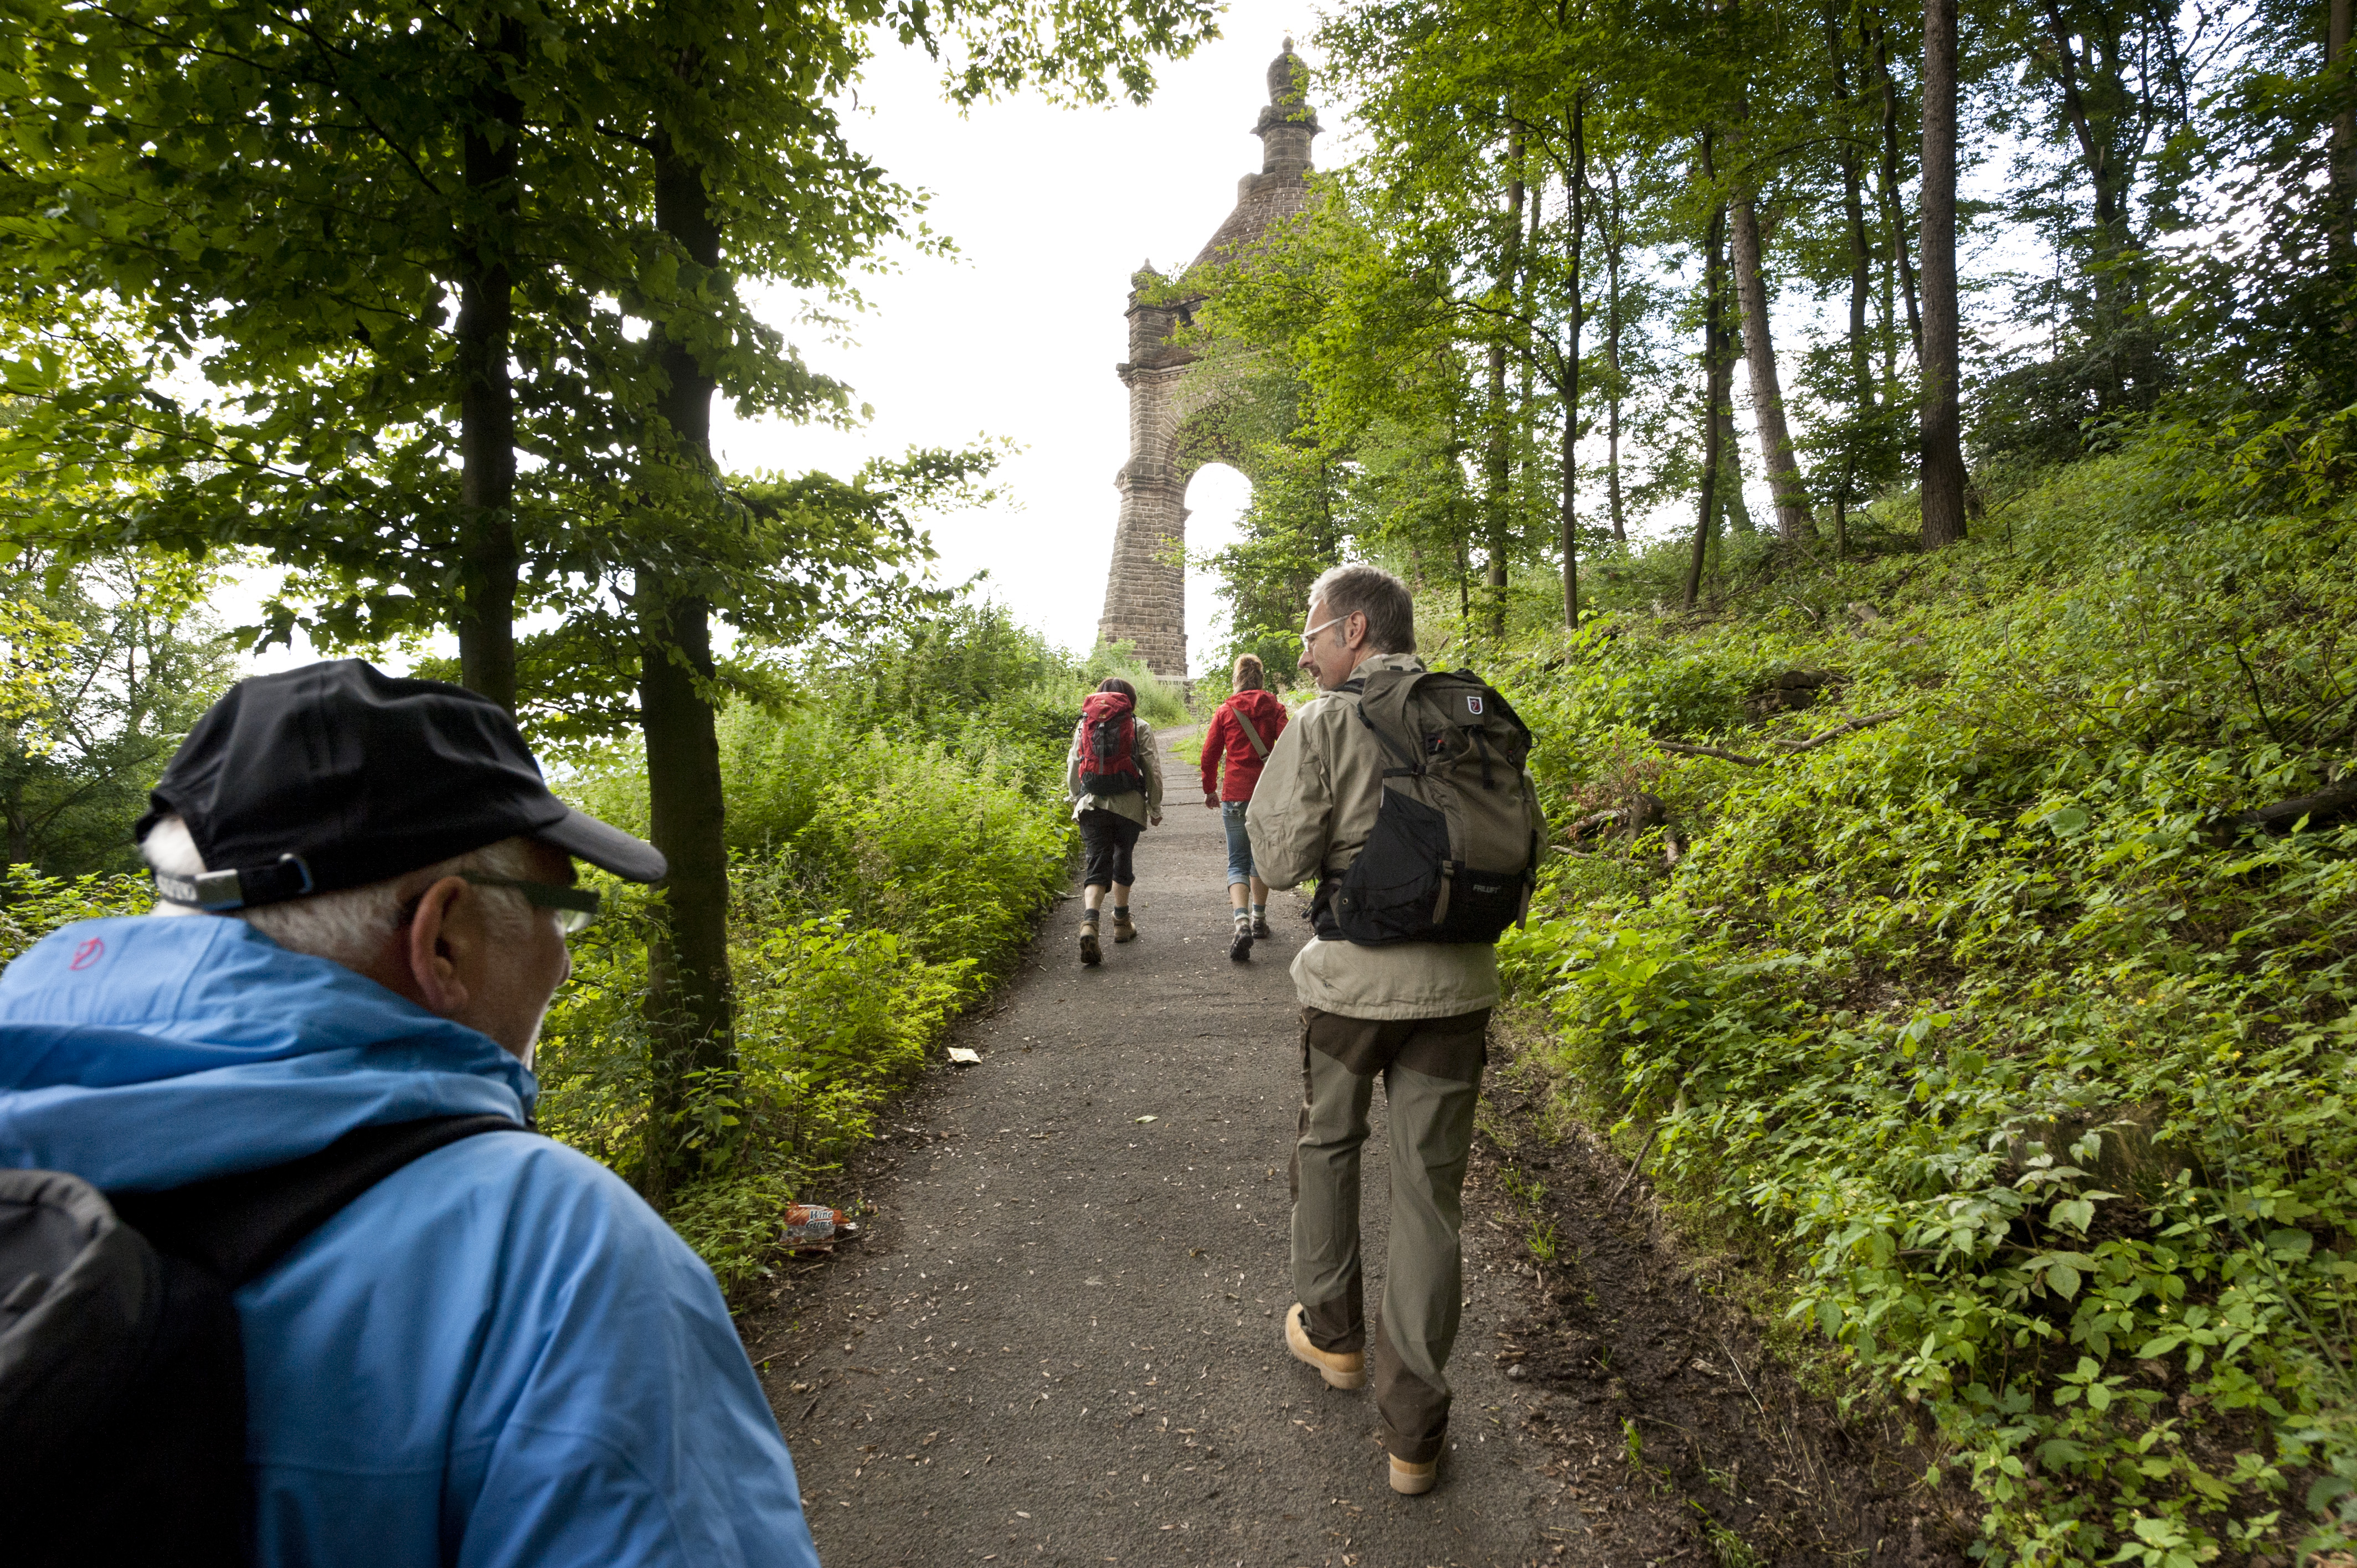 Wandern auf dem Mühlensteig zum Kaiser-Wilhelm-Denkmal